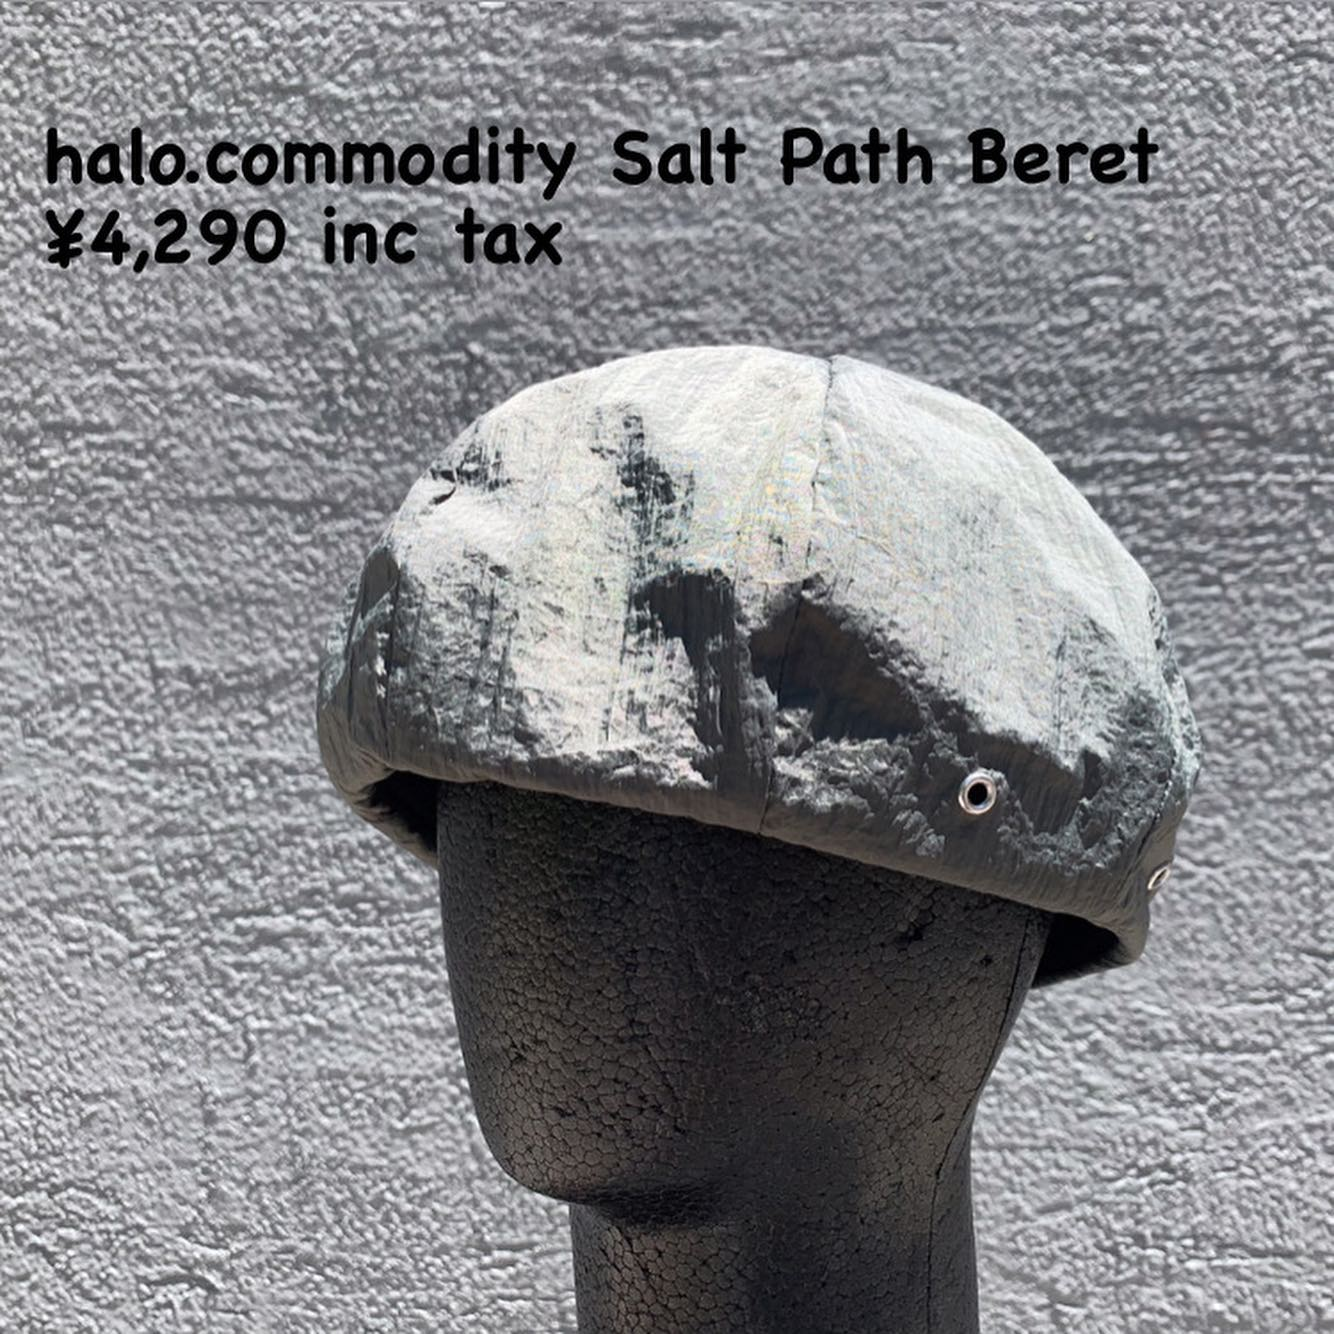 男女ともにおすすめな『halo commodity ソルト パス ベレー』のご紹介